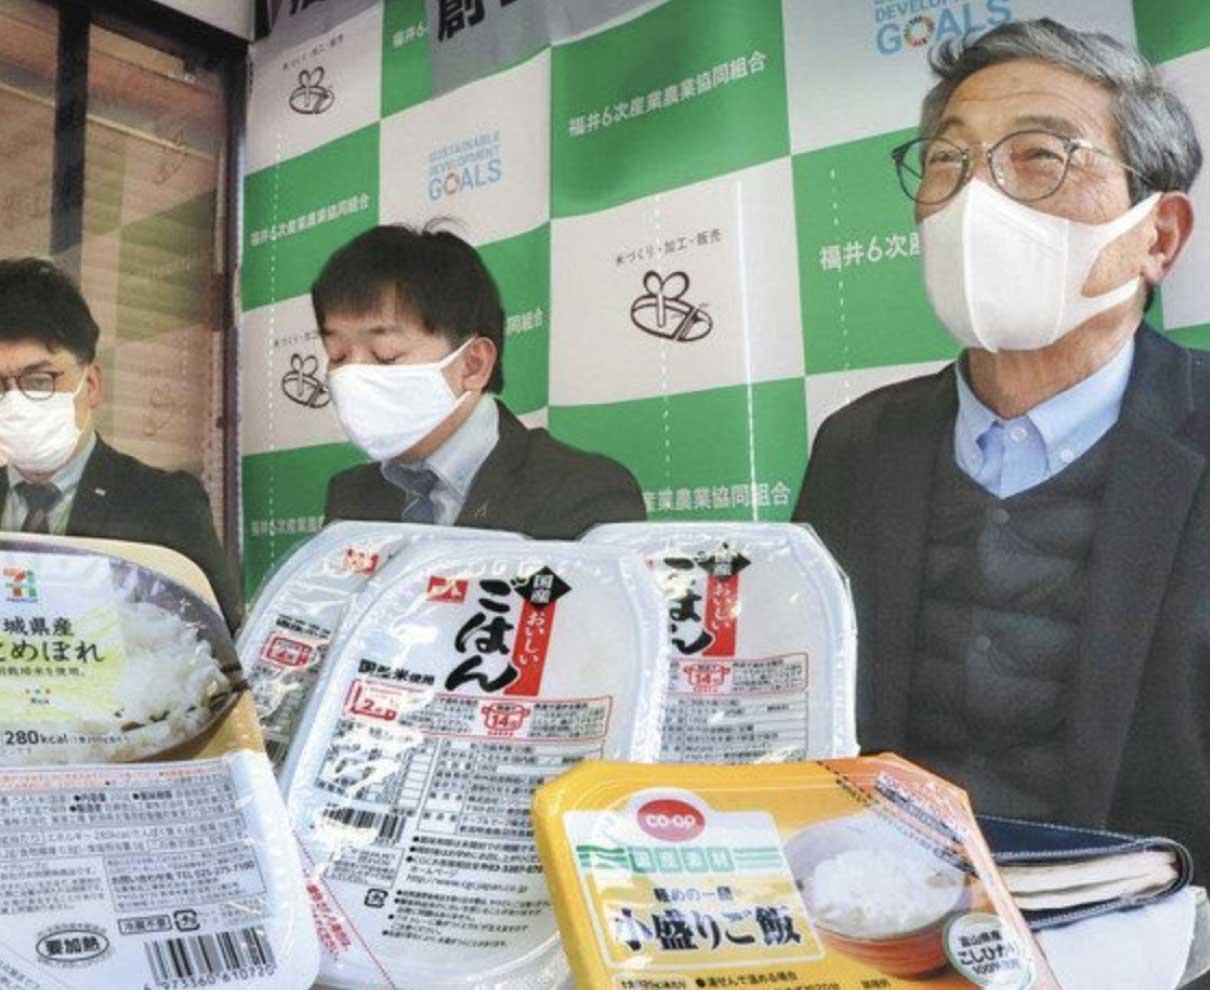 米飯無菌パックなど加工・販売を柱の新農協、農業者有志で設立へ